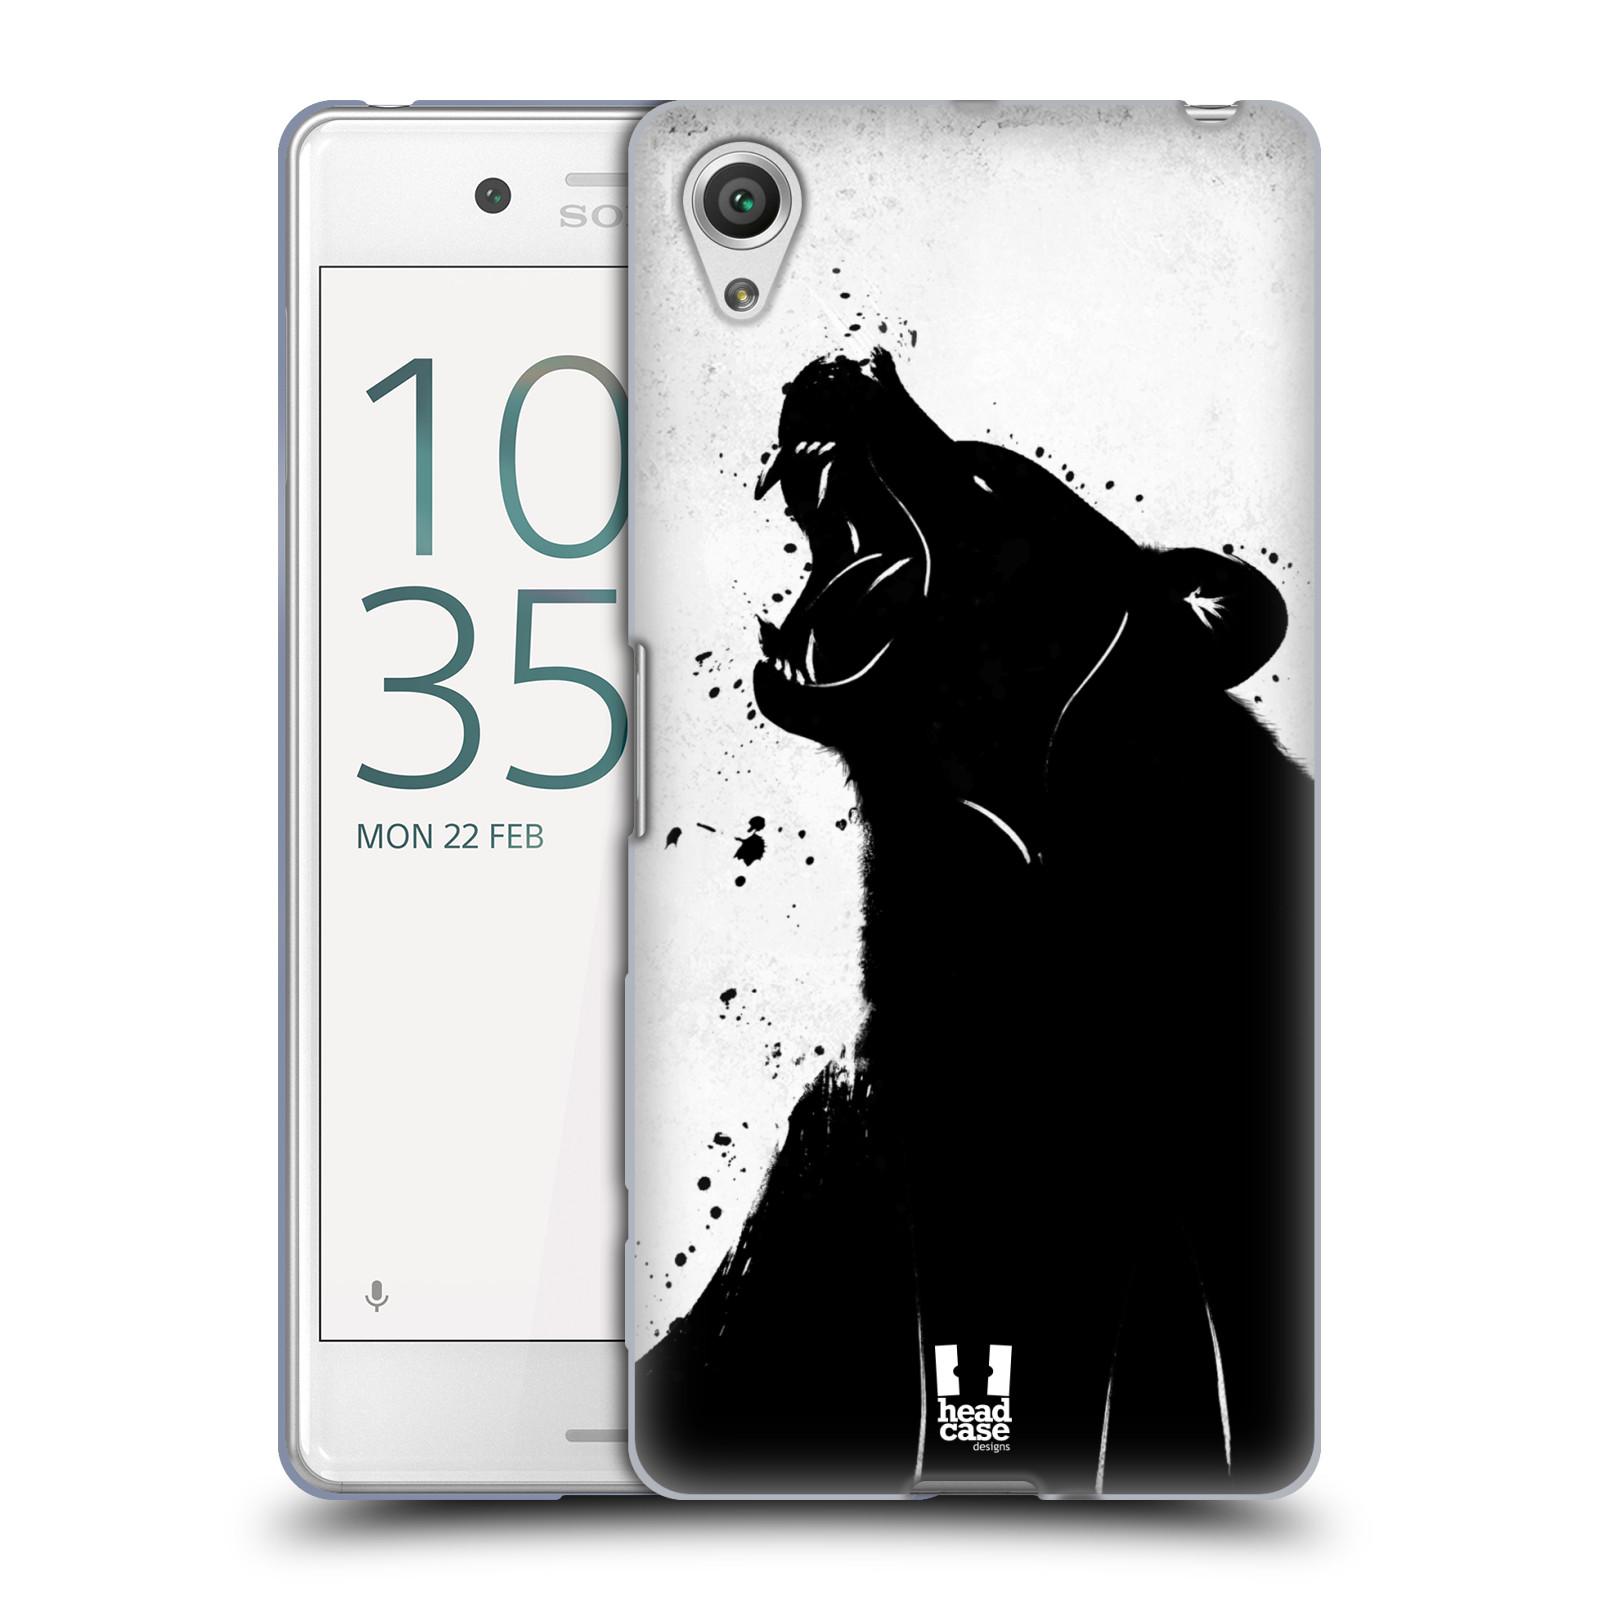 HEAD CASE silikonový obal na mobil Sony Xperia X PERFORMANCE (F8131, F8132) vzor Kresba tuš zvíře medvěd